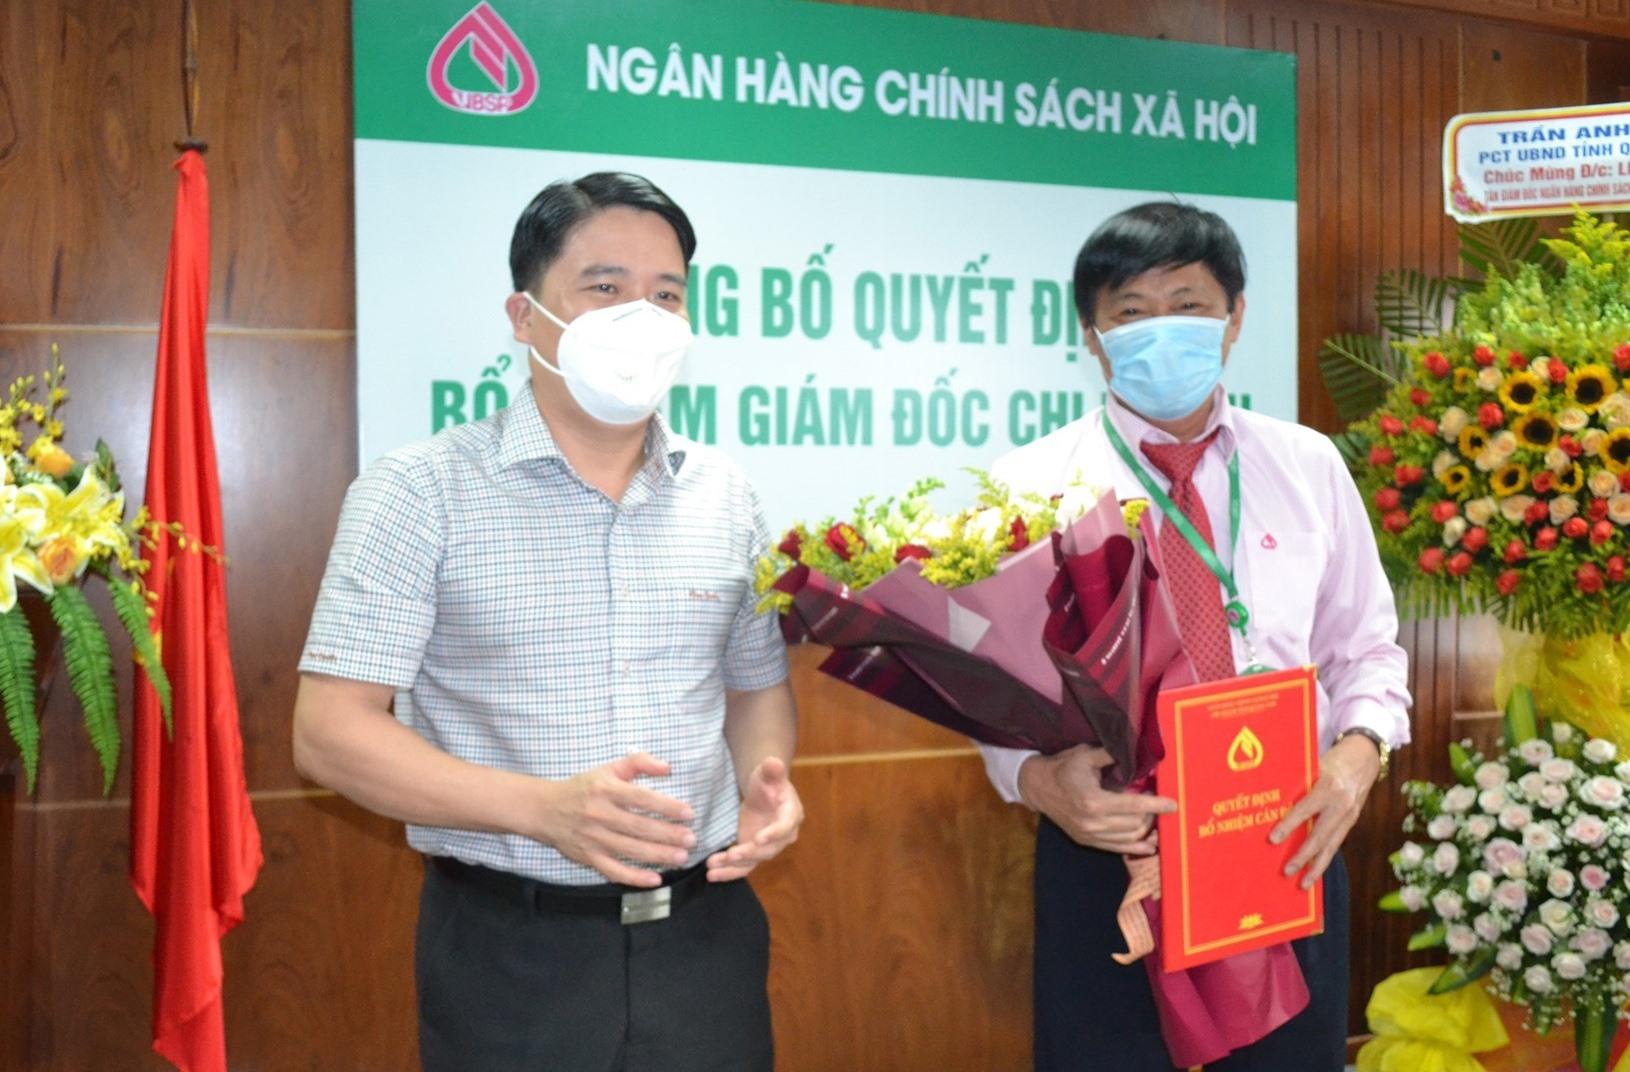 Phó Chủ tịch UBND tỉnh Trần Văn Tân trao quyết định bổ nhiệm Giám đốc Ngân hàng CSXH chi nhánh Quảng Nam cho ông Lê Hùng Lam. Ảnh: Q.VIỆT